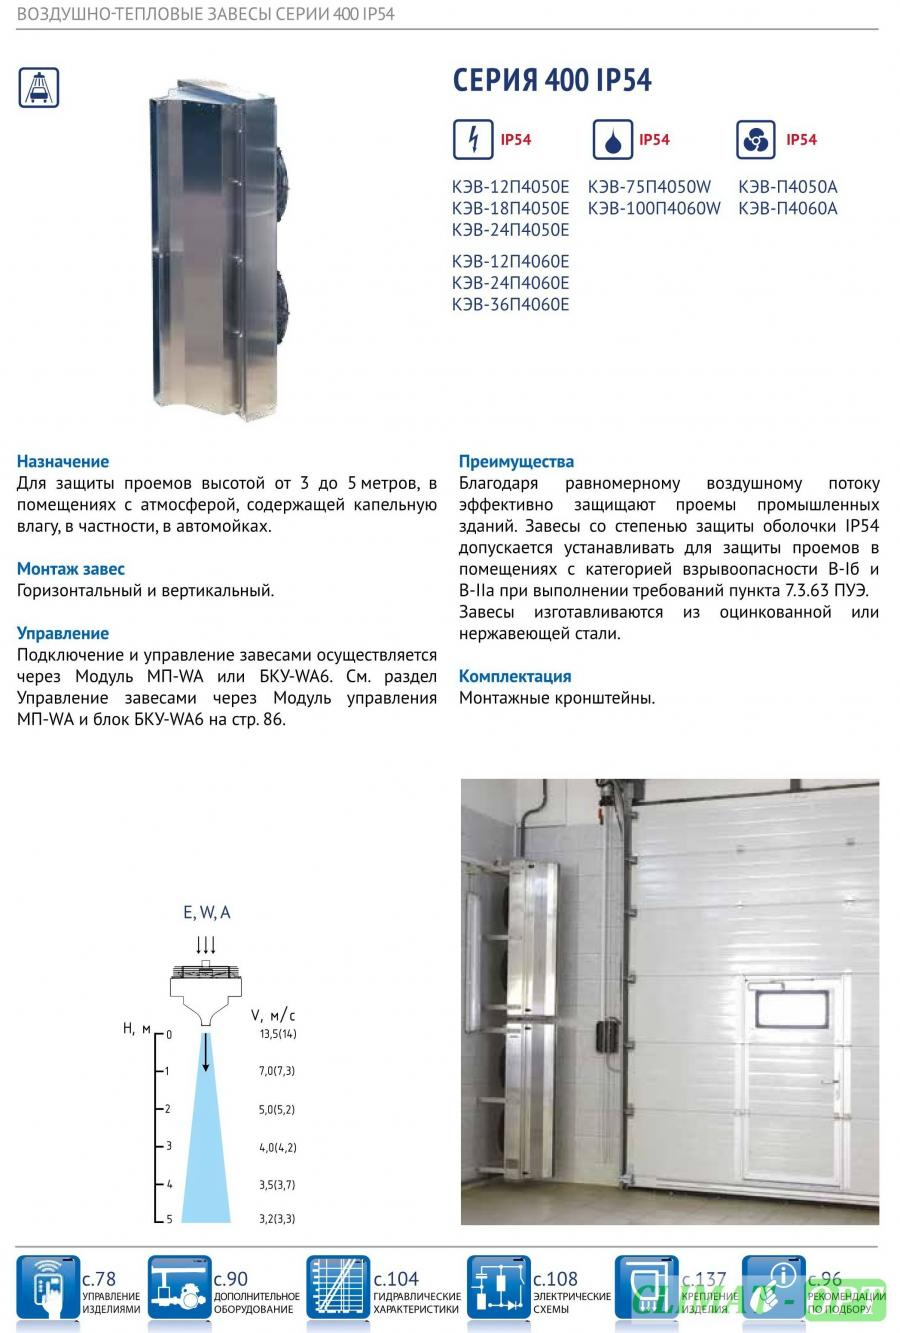 Тепловая завеса для АВТОМОЕК IP54 корпус из Нержавеющей стали